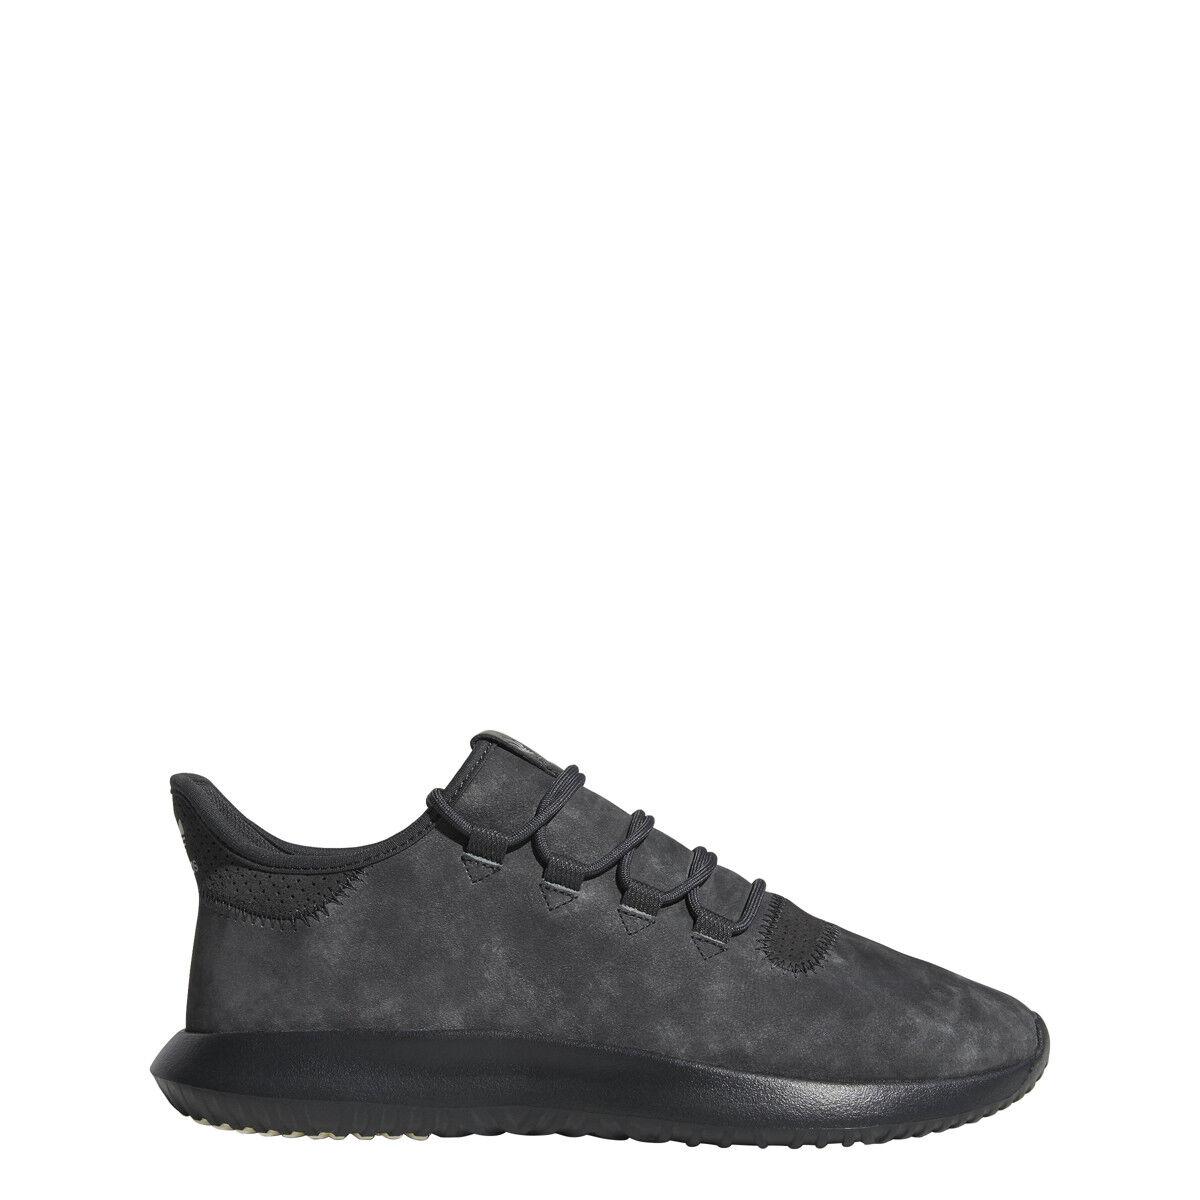 Adidas Mens TUBULAR SHADOW Carbon Carbon Weiß - B37595